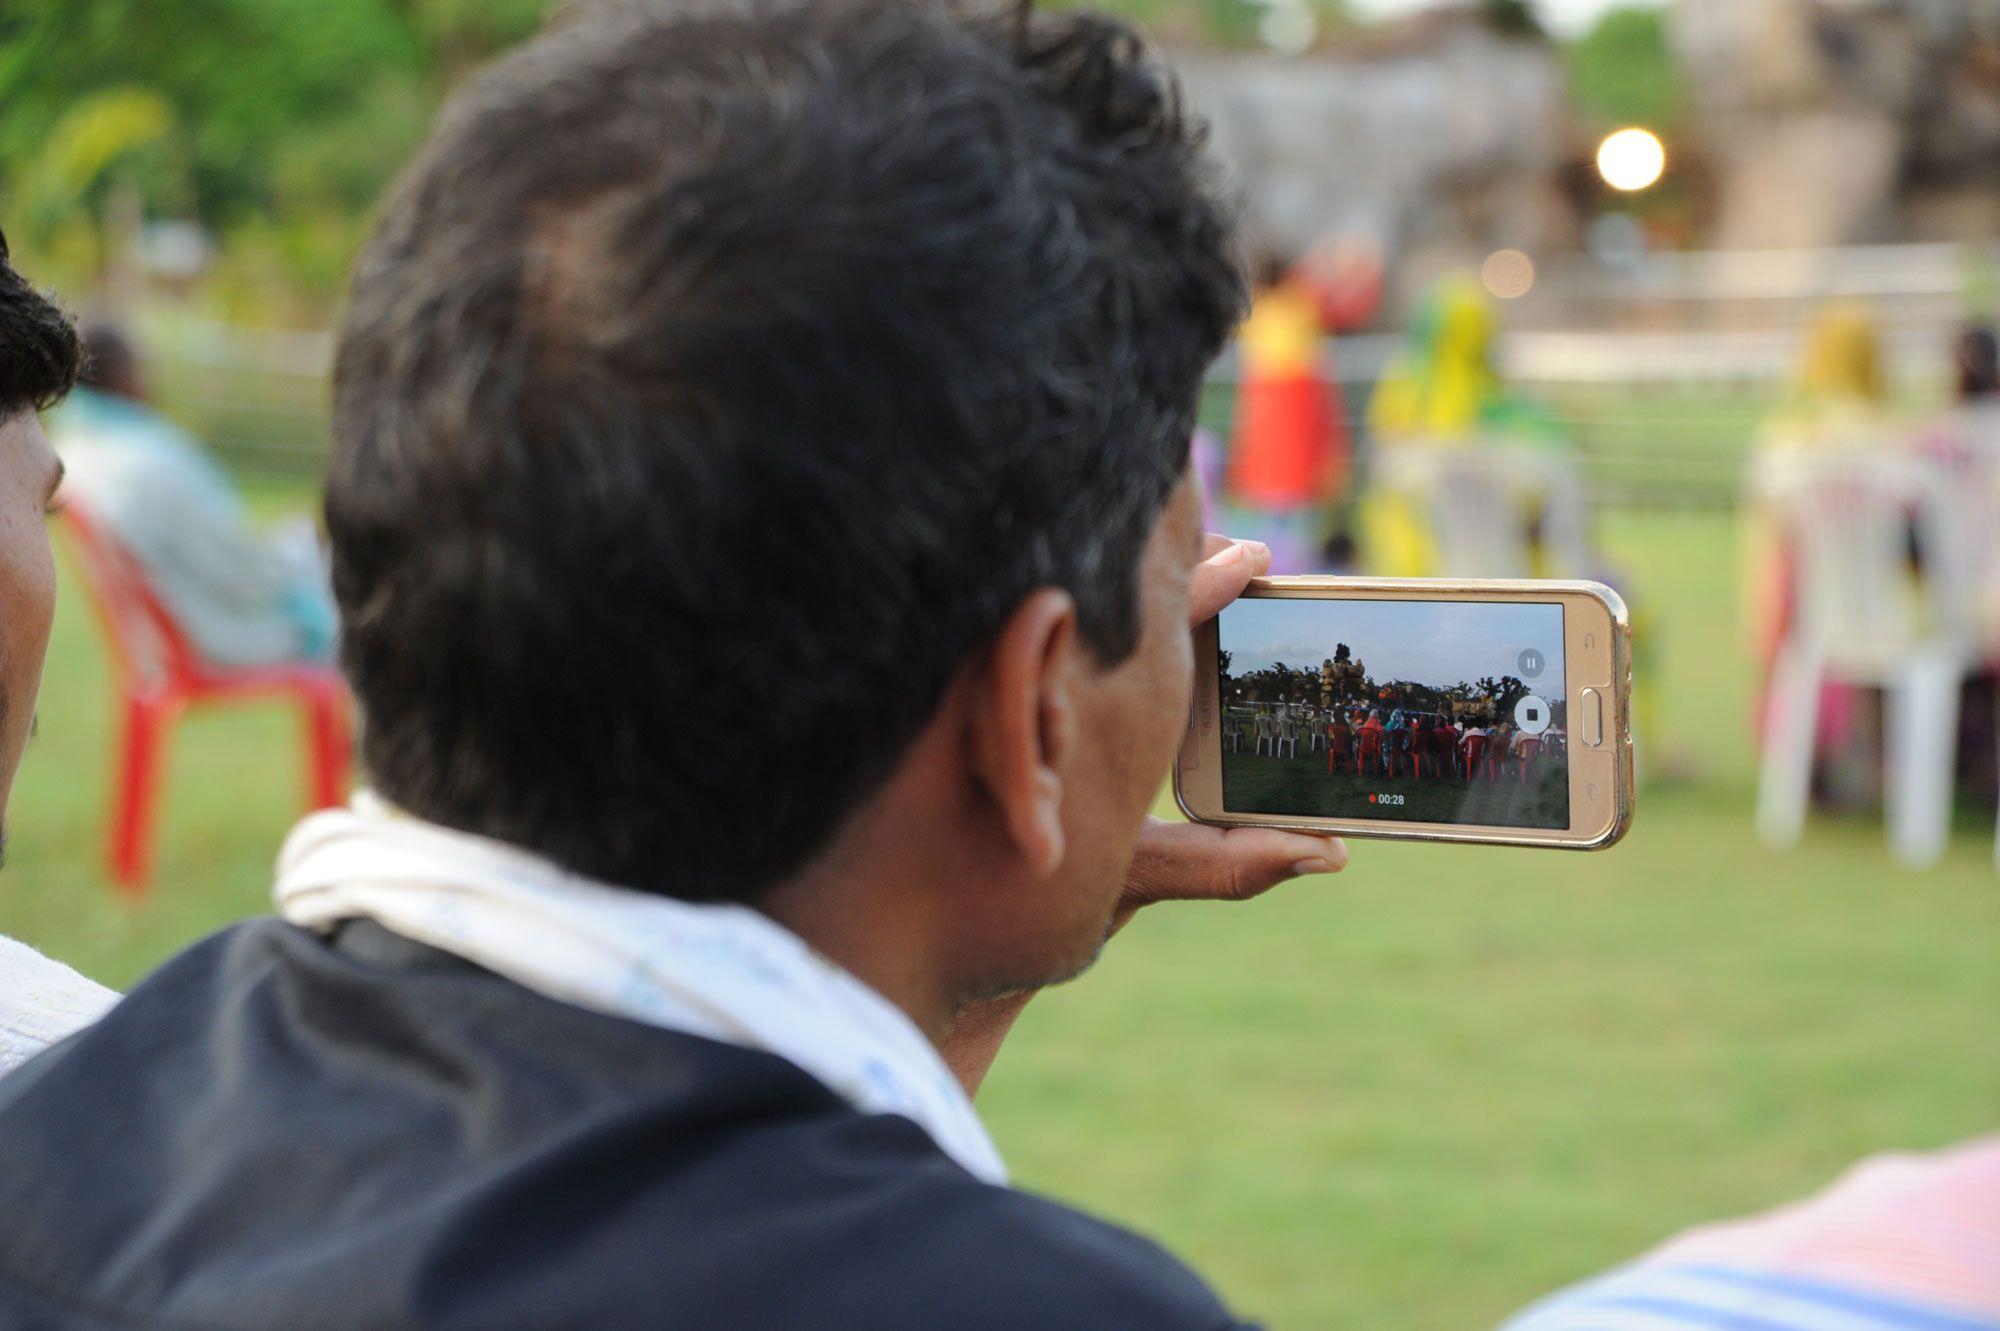 नया रायपुर स्थित पुरखौती मुक्तांगन अनोखी सांस्कृतिक विशेषताओं के लिए जाना जाता है। छत्तीसगढ़ के हर जिले की संस्कृति यहां पर कलाकृतियों के माध्यम से झलकती है। साथ ही आयोजित रंगारंग प्रस्तुतियां इस संस्कृति का एक पूरा परिचय देती हैं। बलौदाबाजार के जनप्रतिनिधियों ने पुरखौती मुक्तांगन देखा।